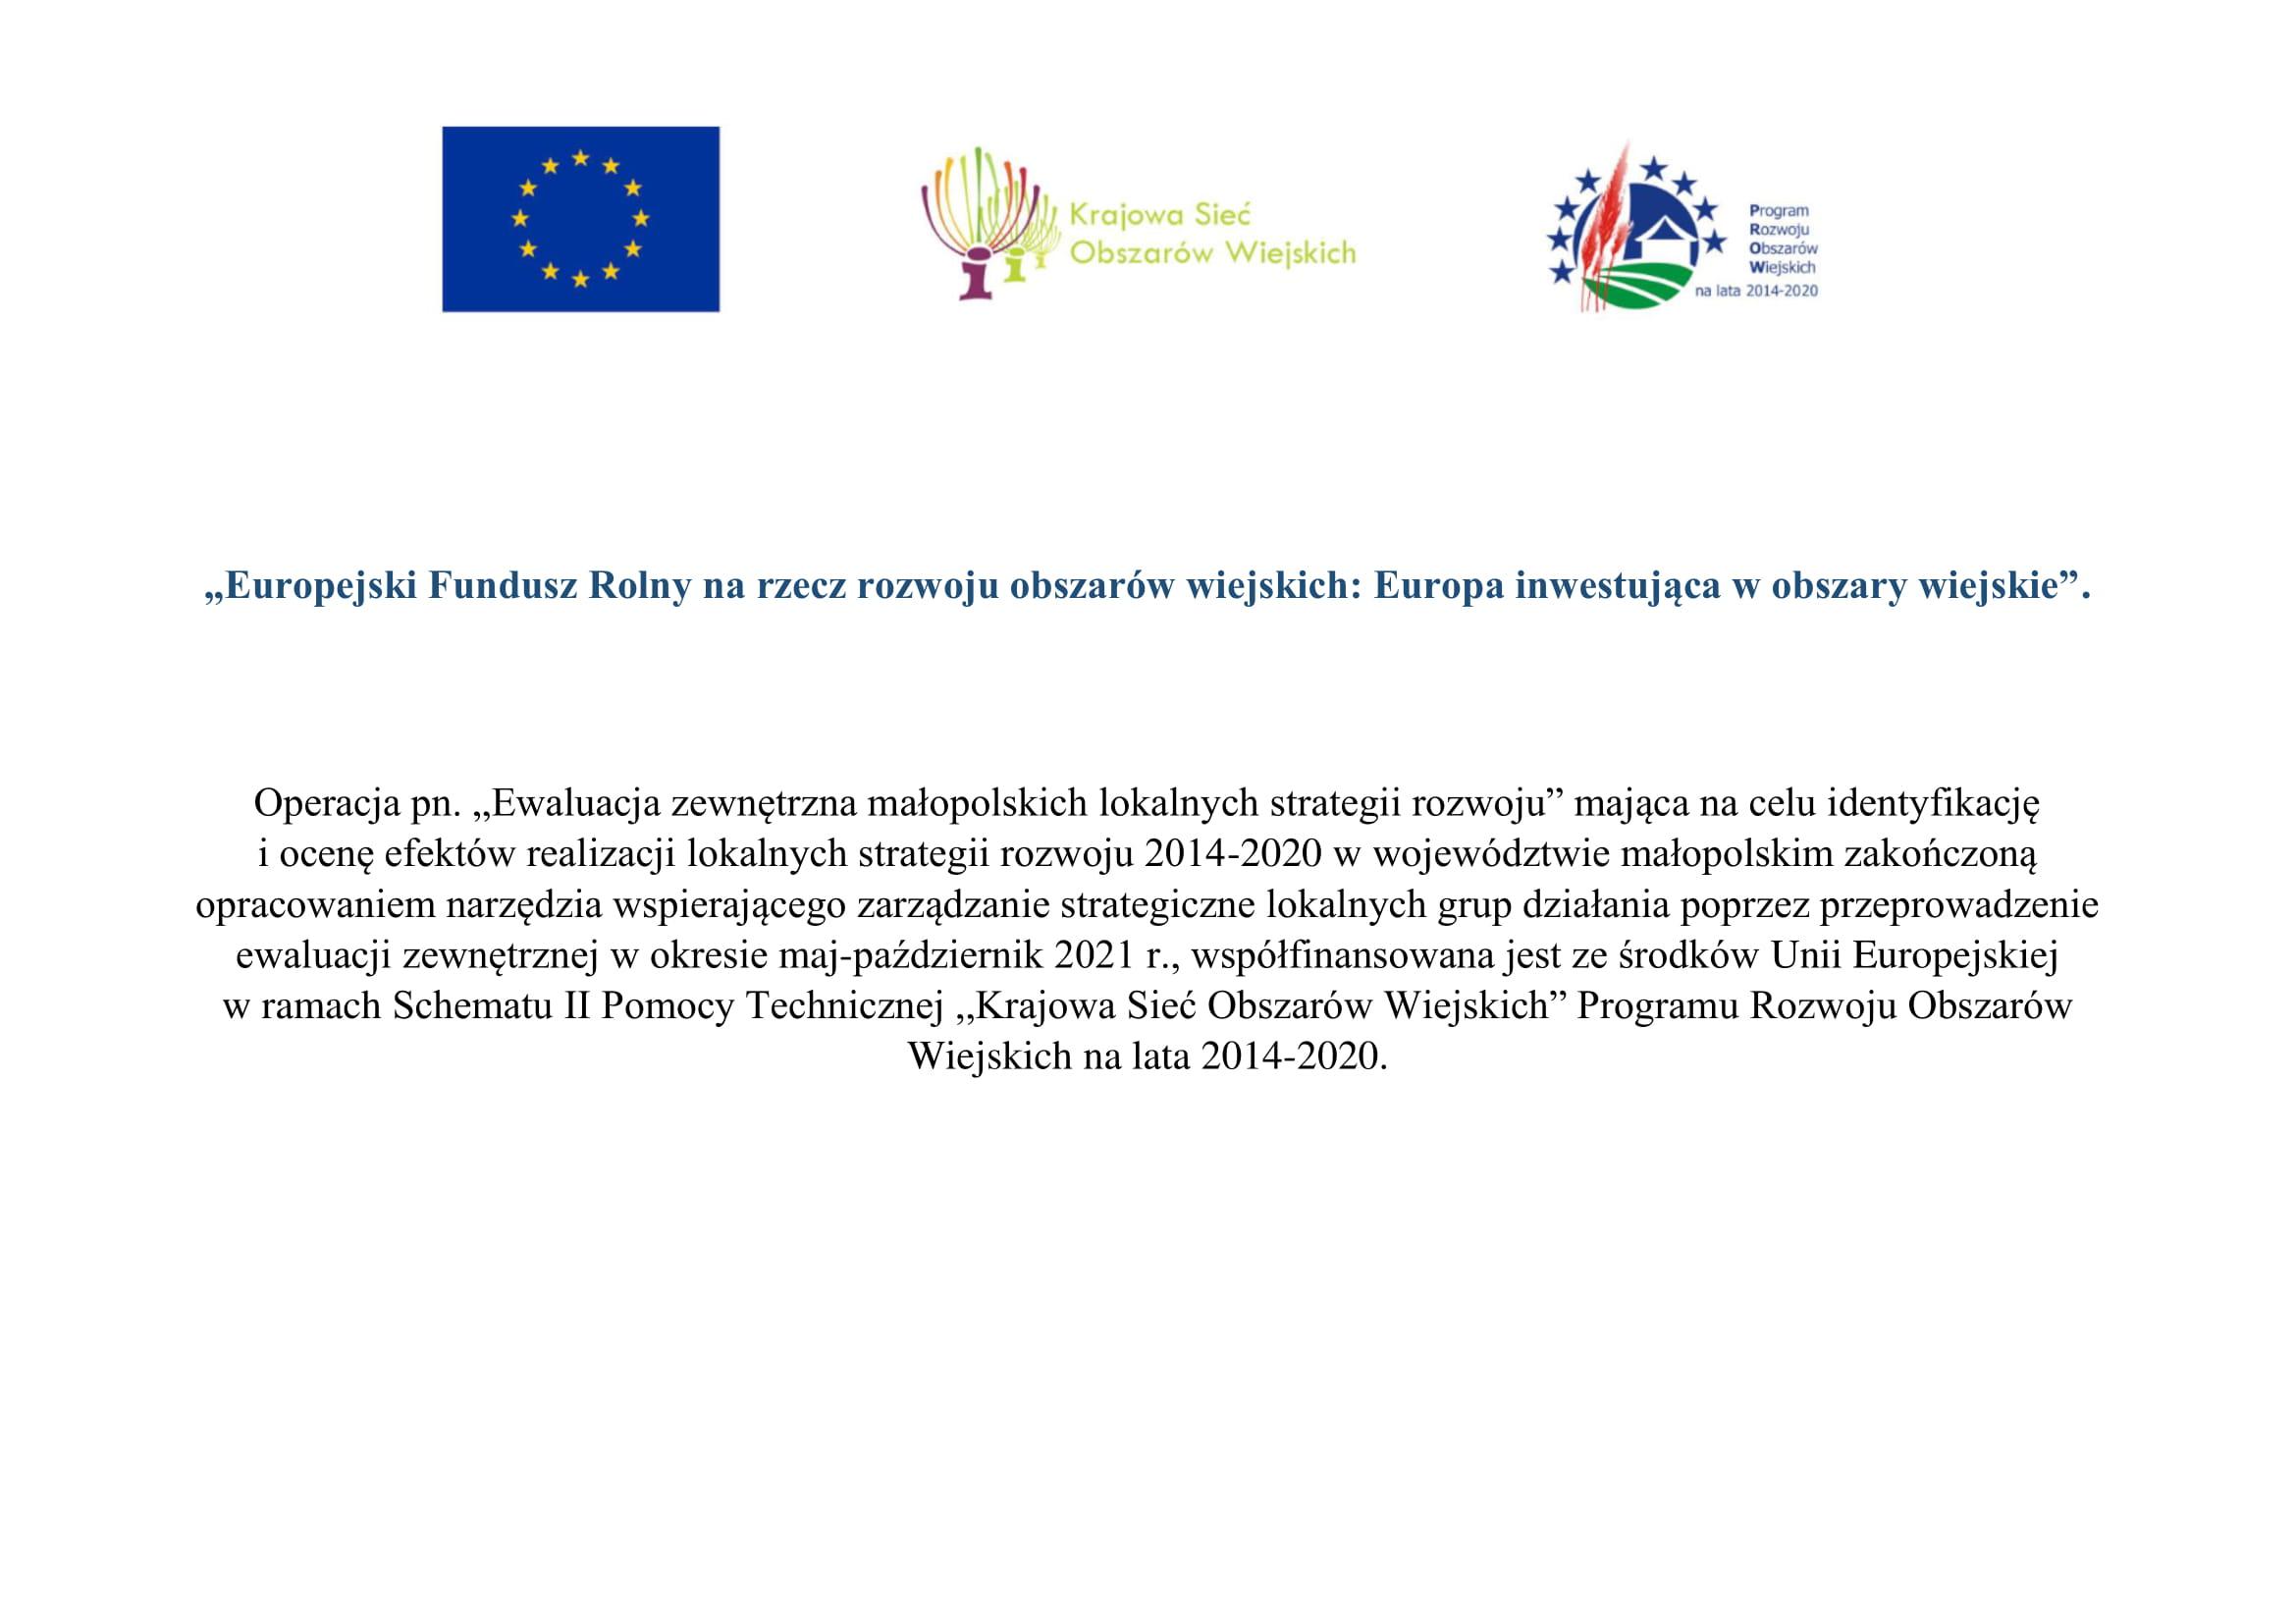 Dofinansowanie na ewaluację zewnętrzną małopolskich lokalnych strategii rozwoju